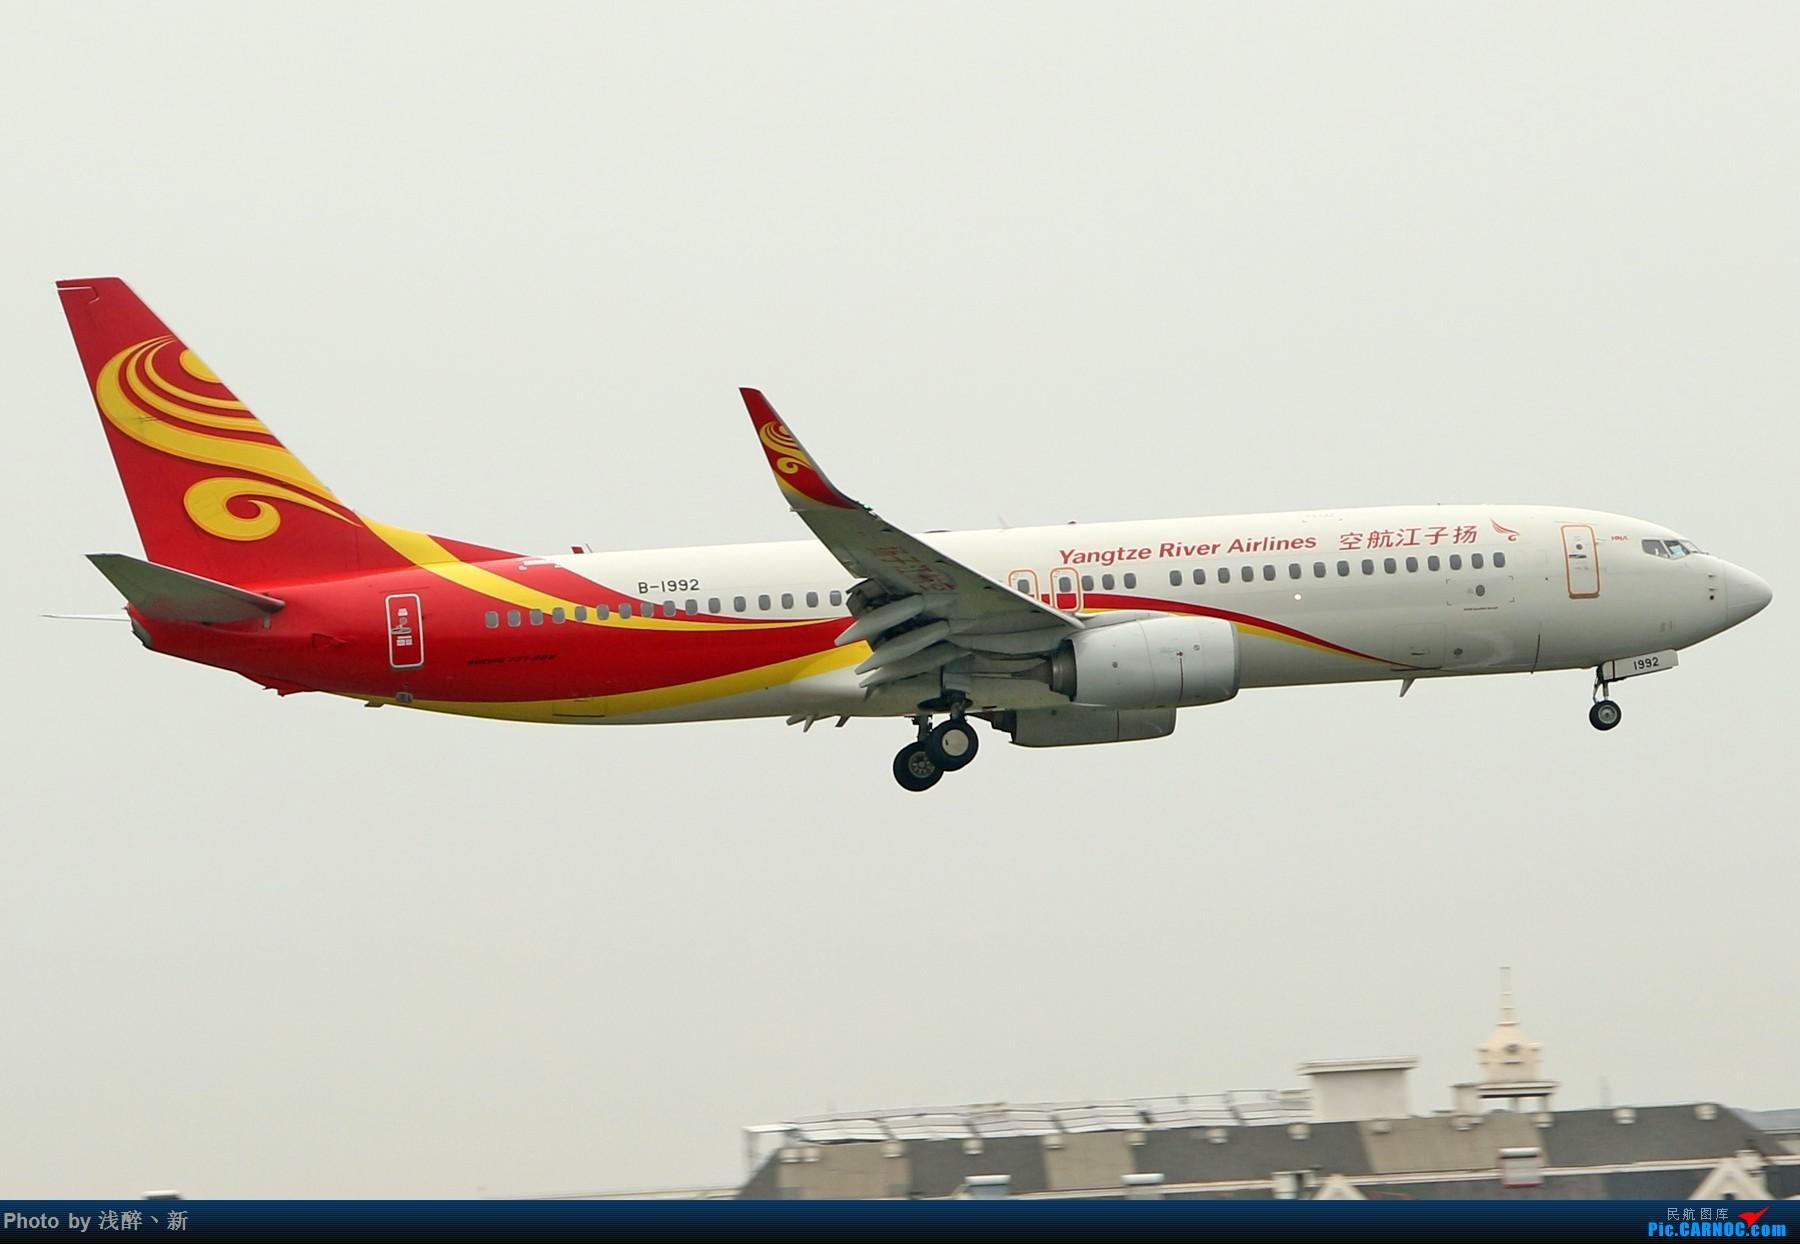 Re:[原创]DLC 8.1 日常[补] BOEING 737-800 B-1992 中国大连国际机场